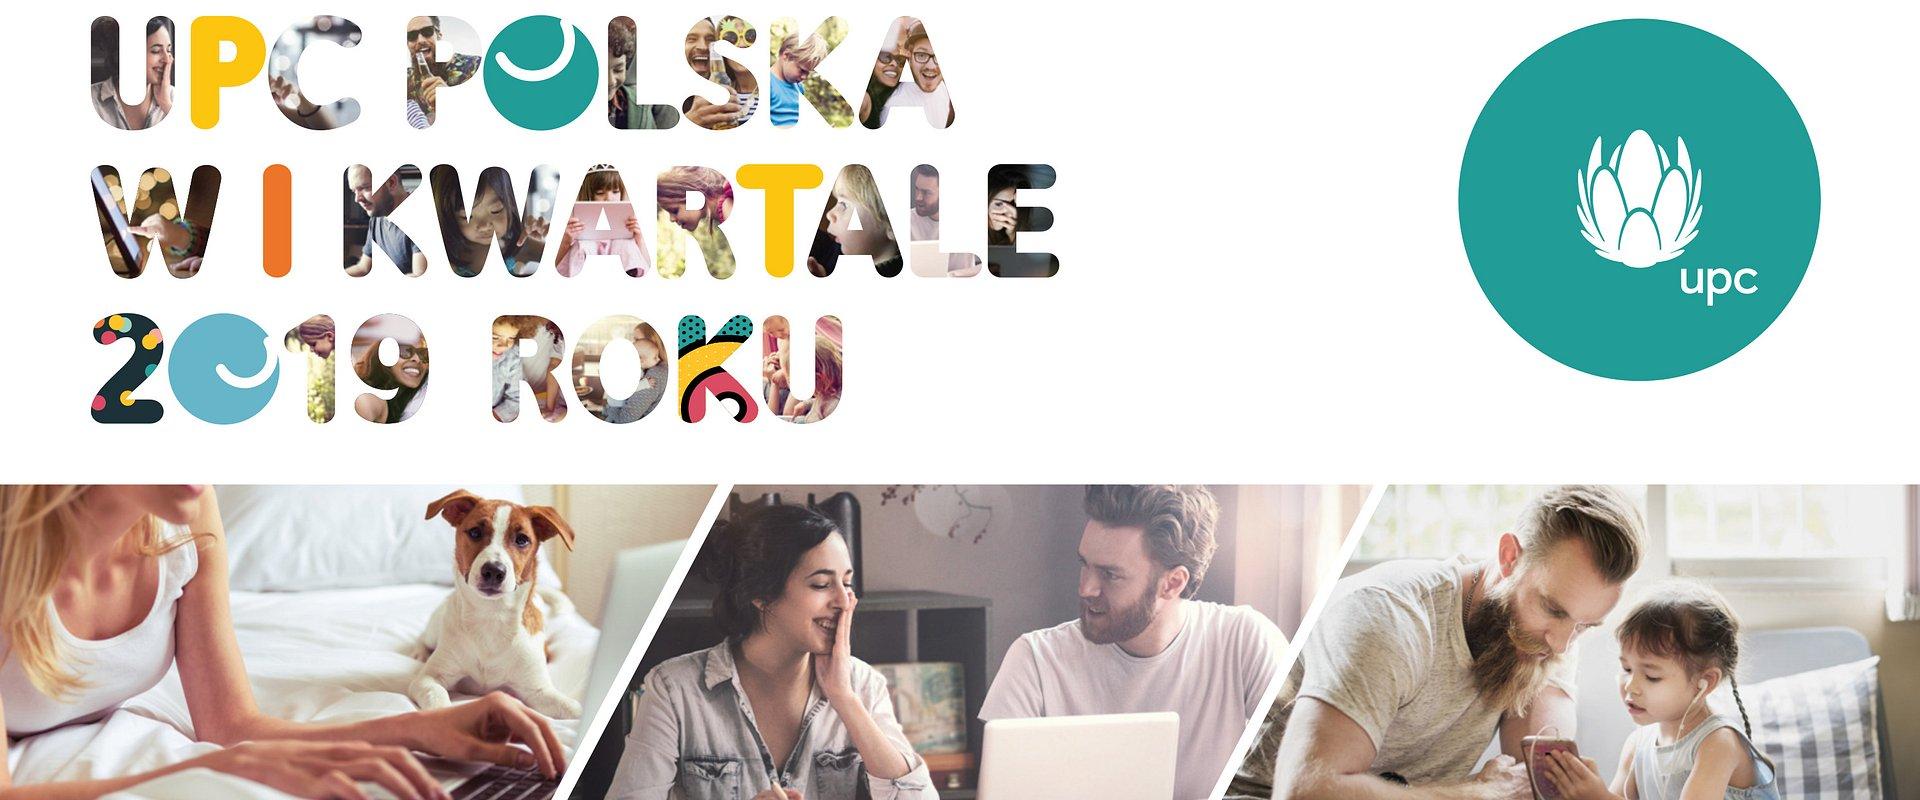 UPC Polska kontynuuje wzrost bazy klientów i rozwój biznesu